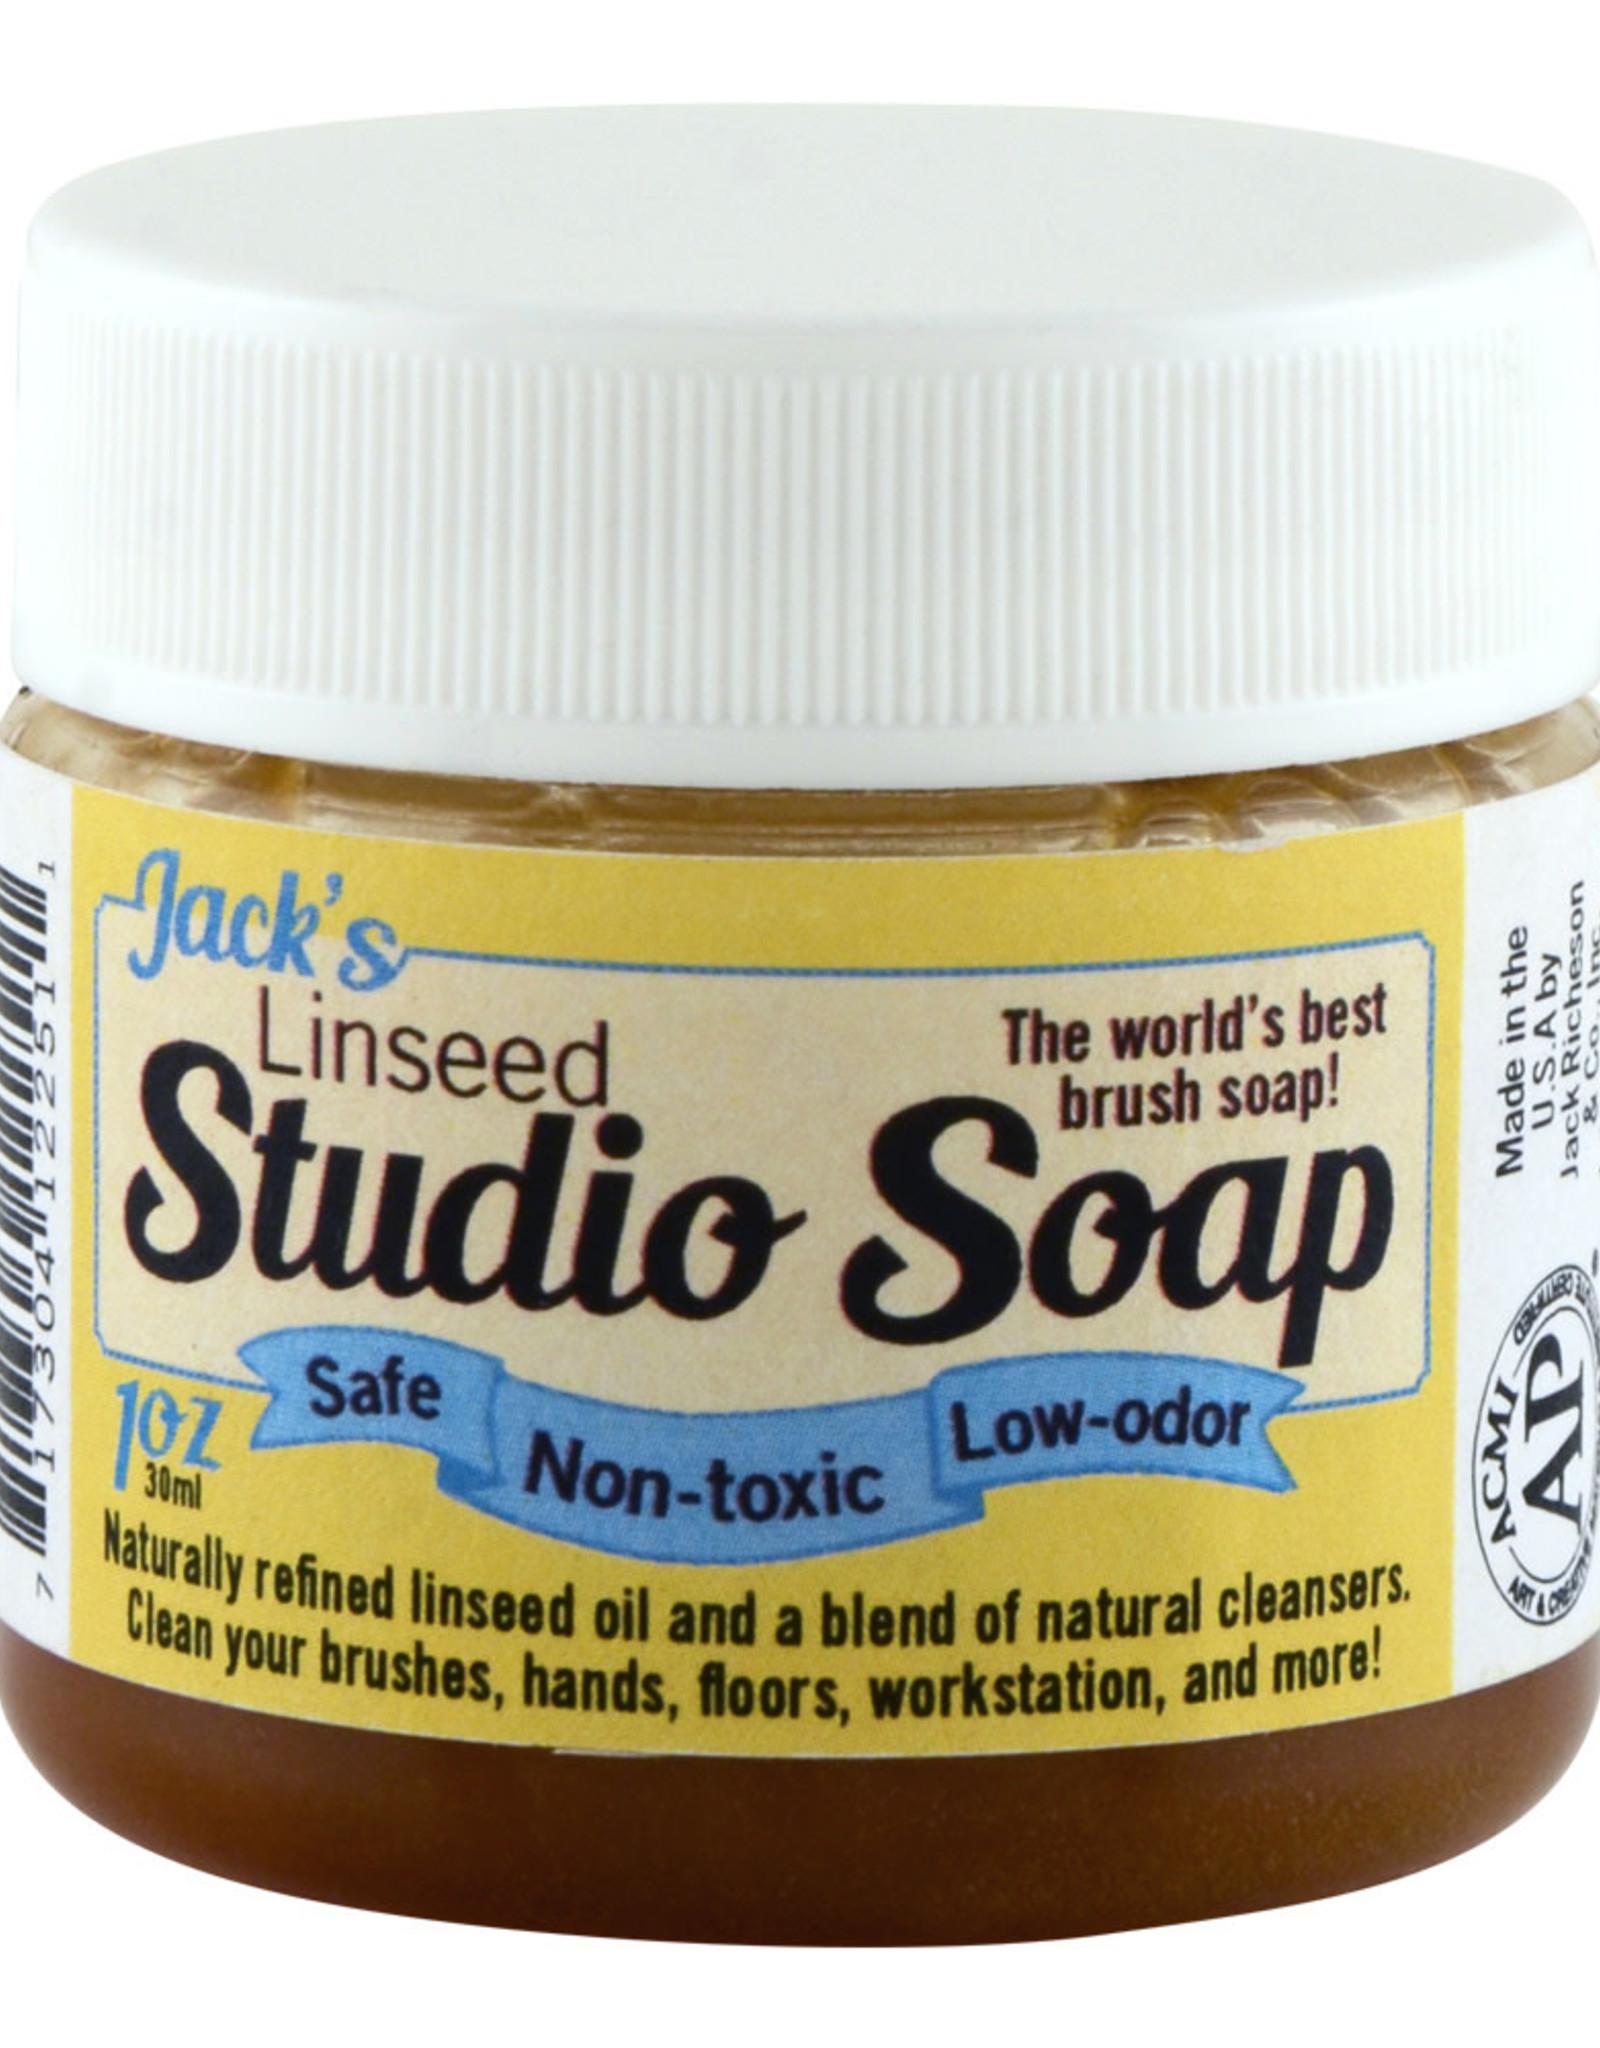 Studio Soap